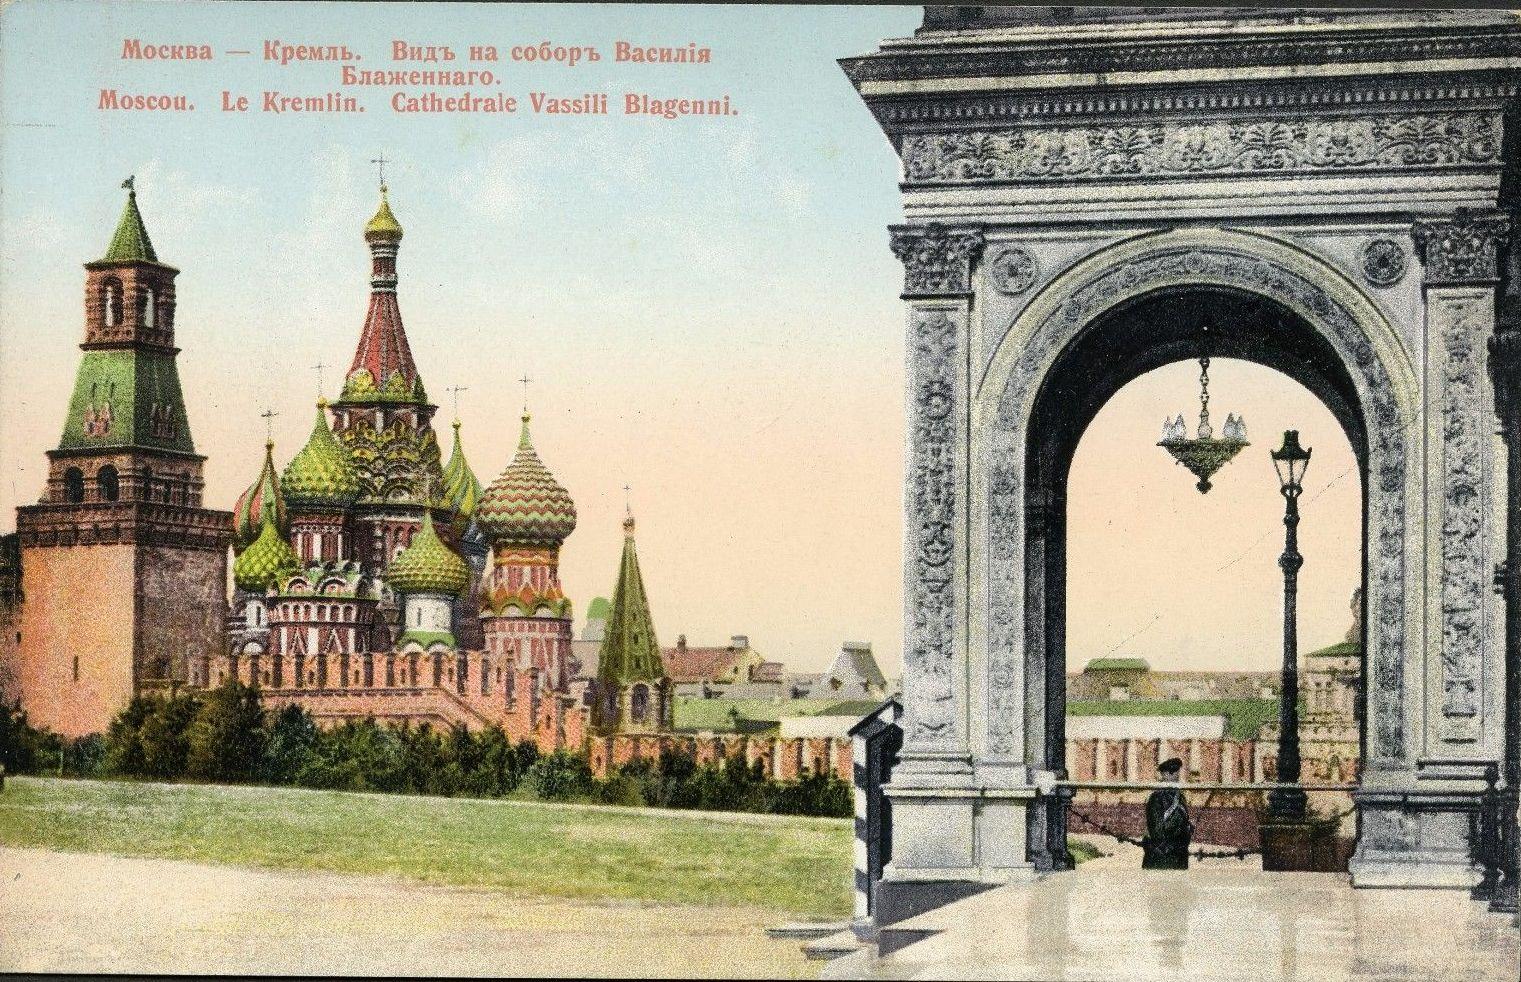 Кремль. Вид на собор Василия Блаженного